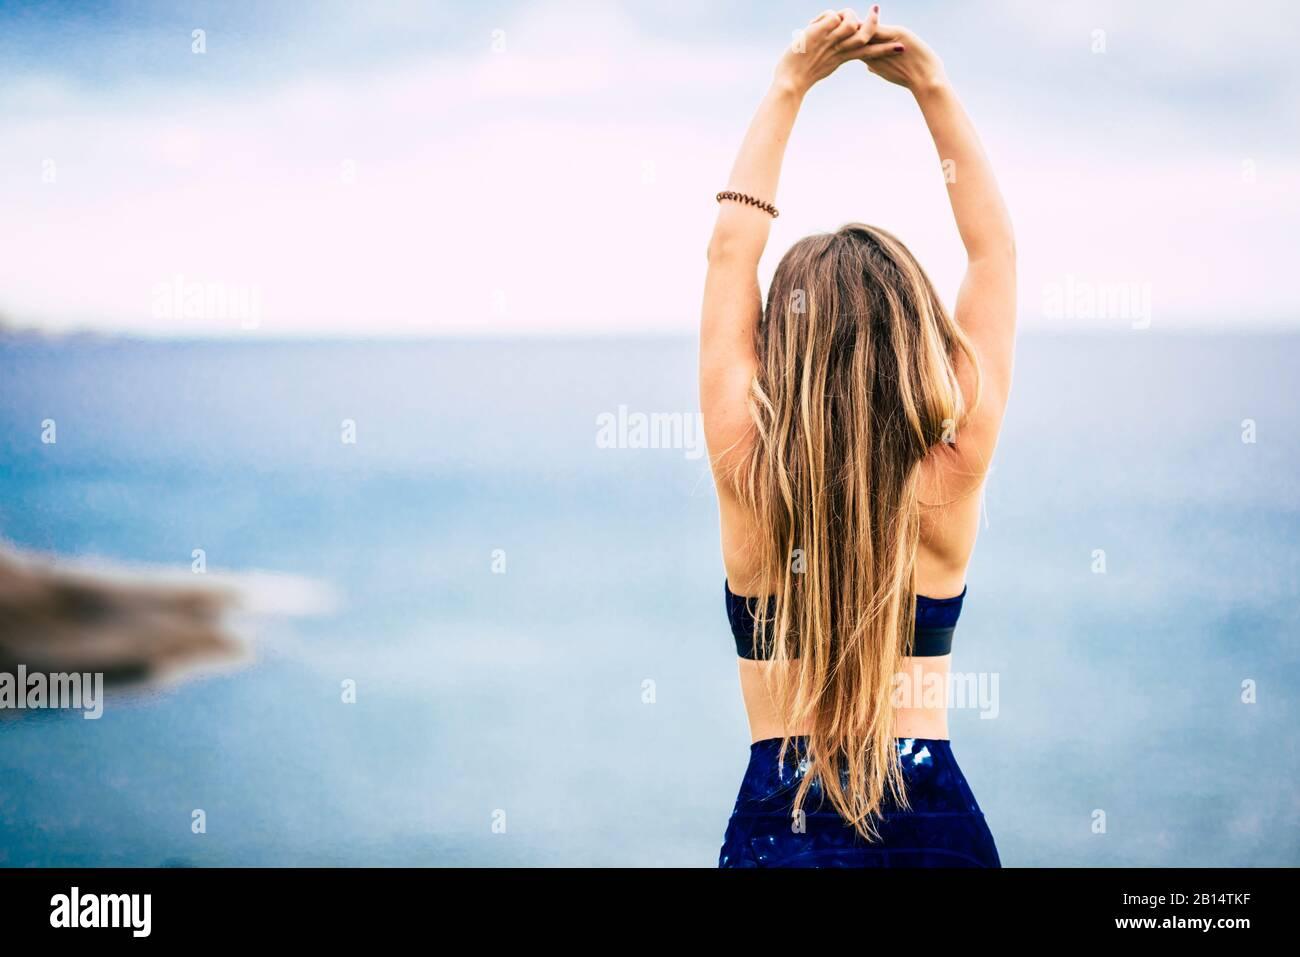 Mode de vie sain concept de personnes avec belle fille blonde de cheveux belle vue de l'arrière faire quelques étirements devant l'océan vue extérieur - la coupe wom Banque D'Images